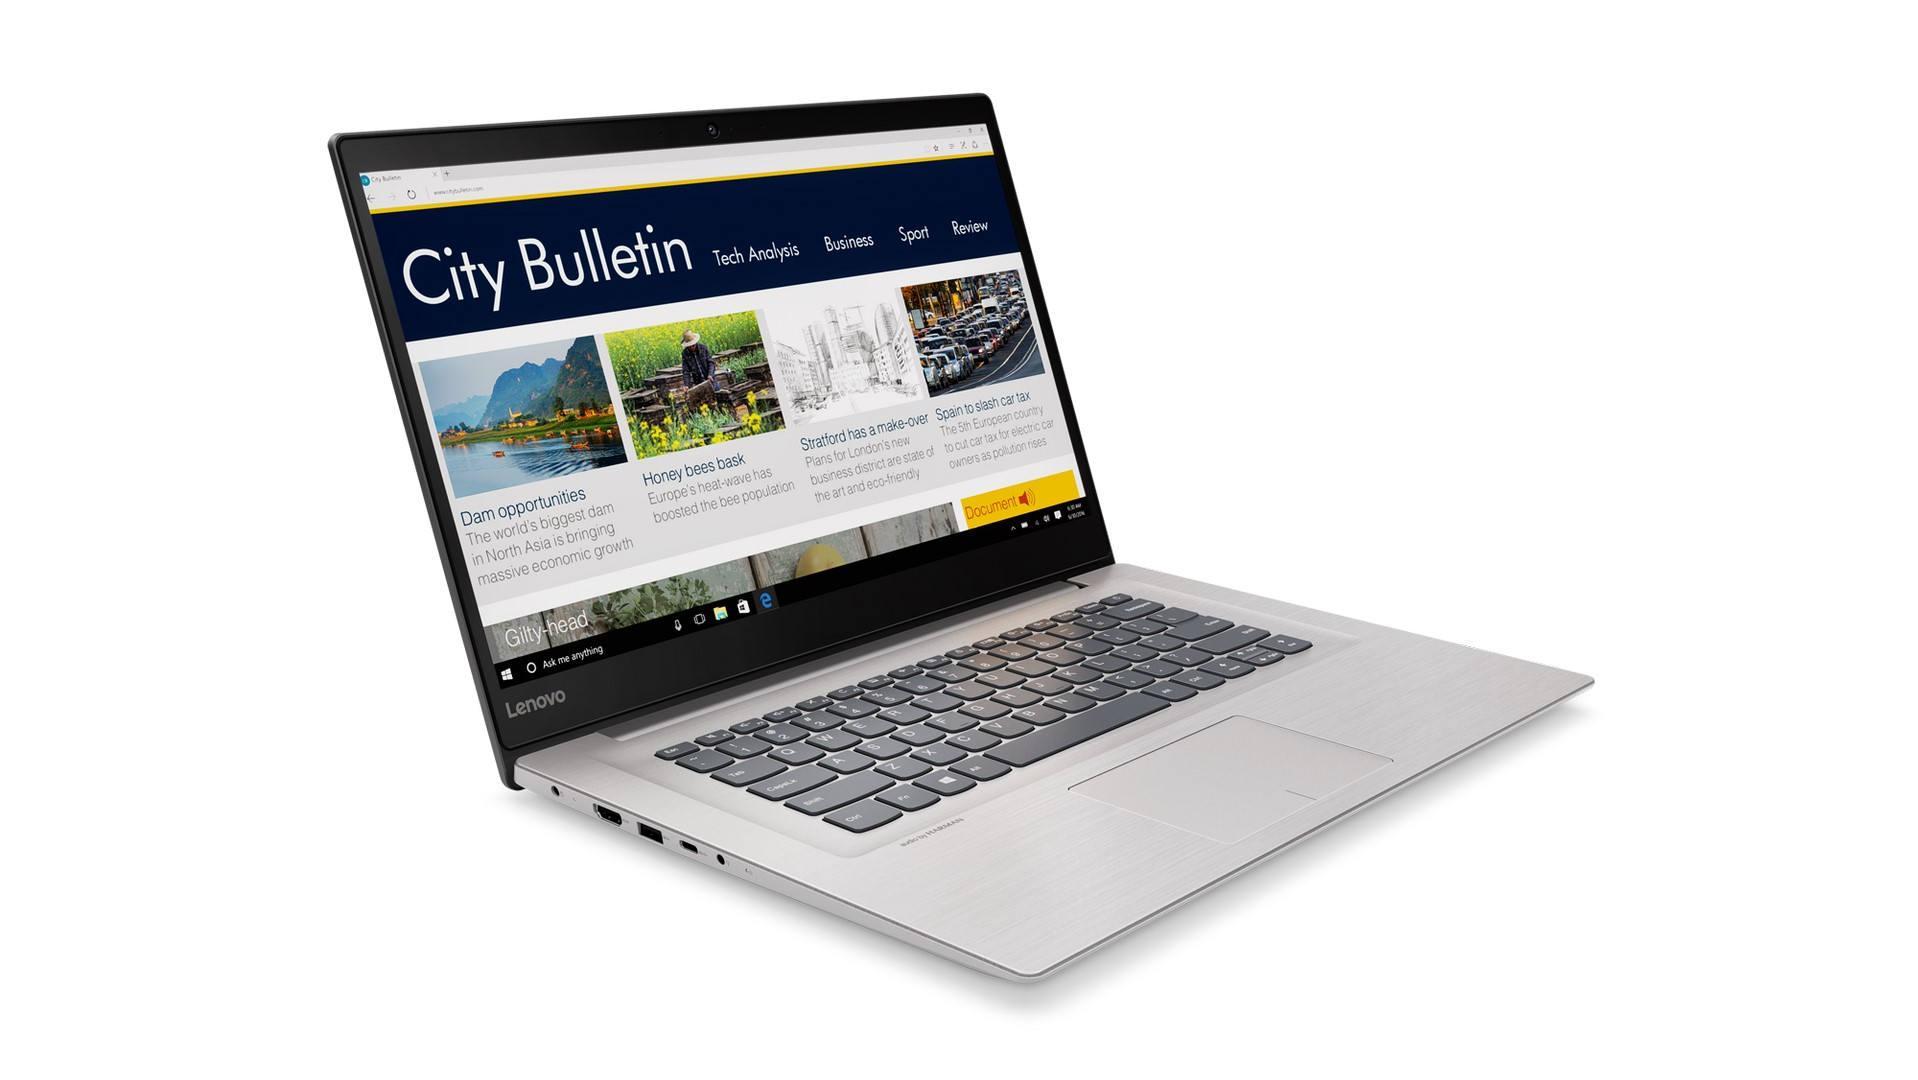 Lenovo tweaks mainstream IdeaPad lineup with 320S, 720S - SlashGear